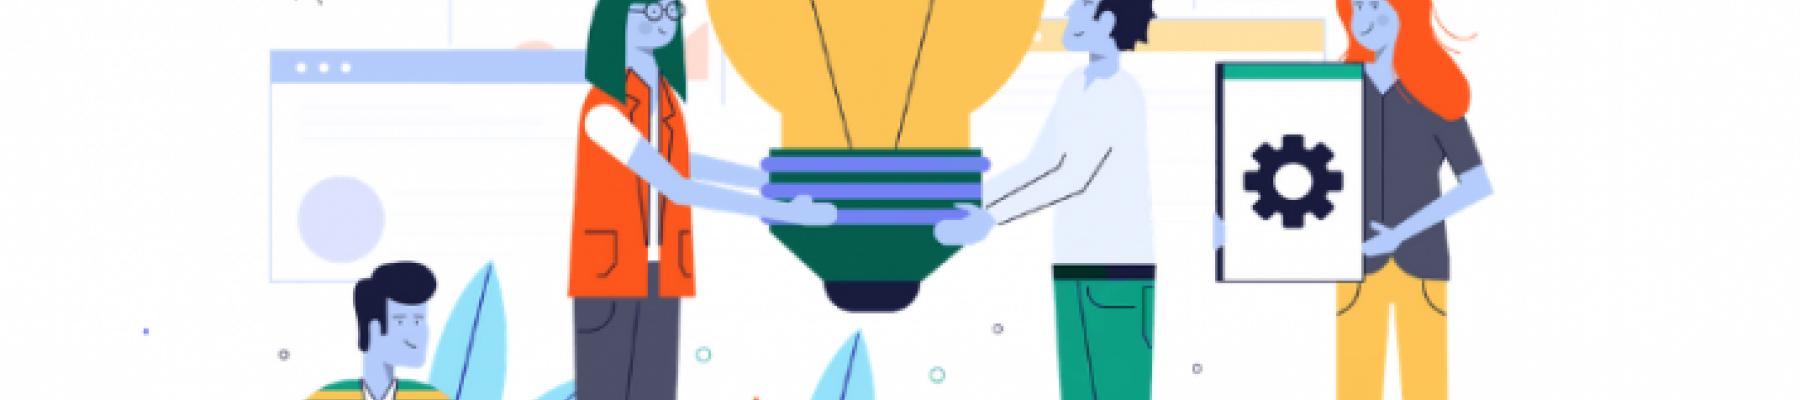 L'ESITC Paris se dote d'un nouveau site dédié à l'innovation!